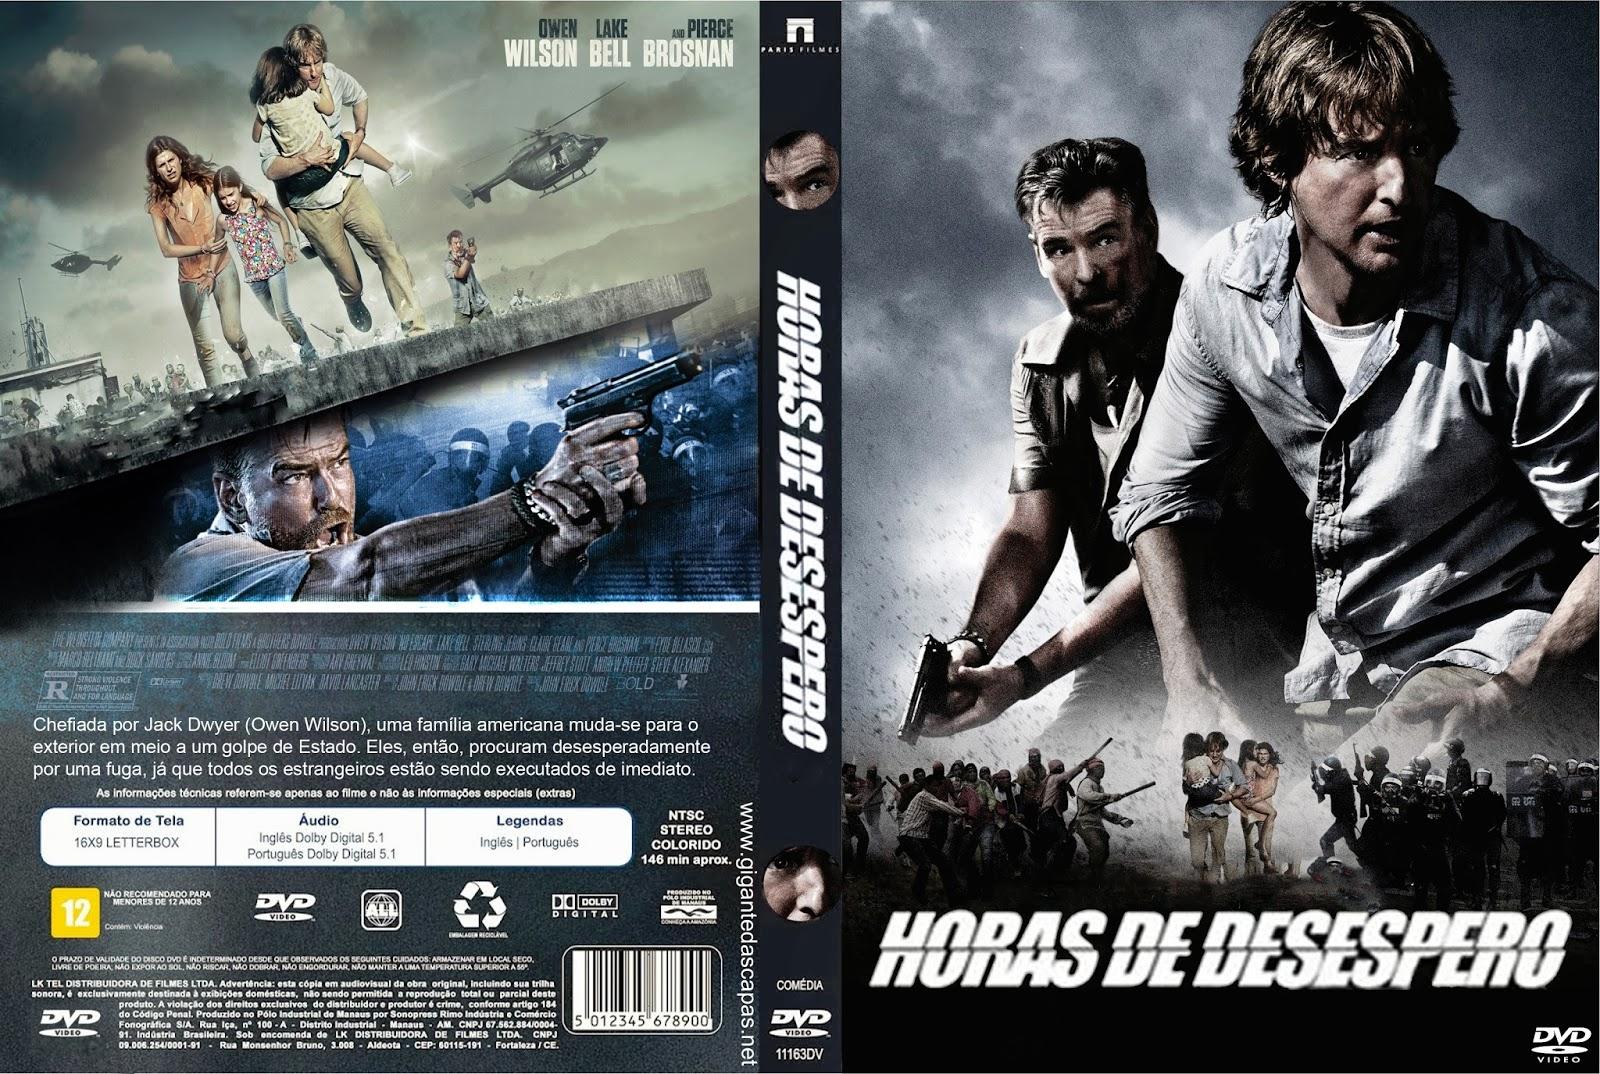 Download Horas de Desespero DVD-R Horas 2Bde 2BDesespero 2B 25282015 2529